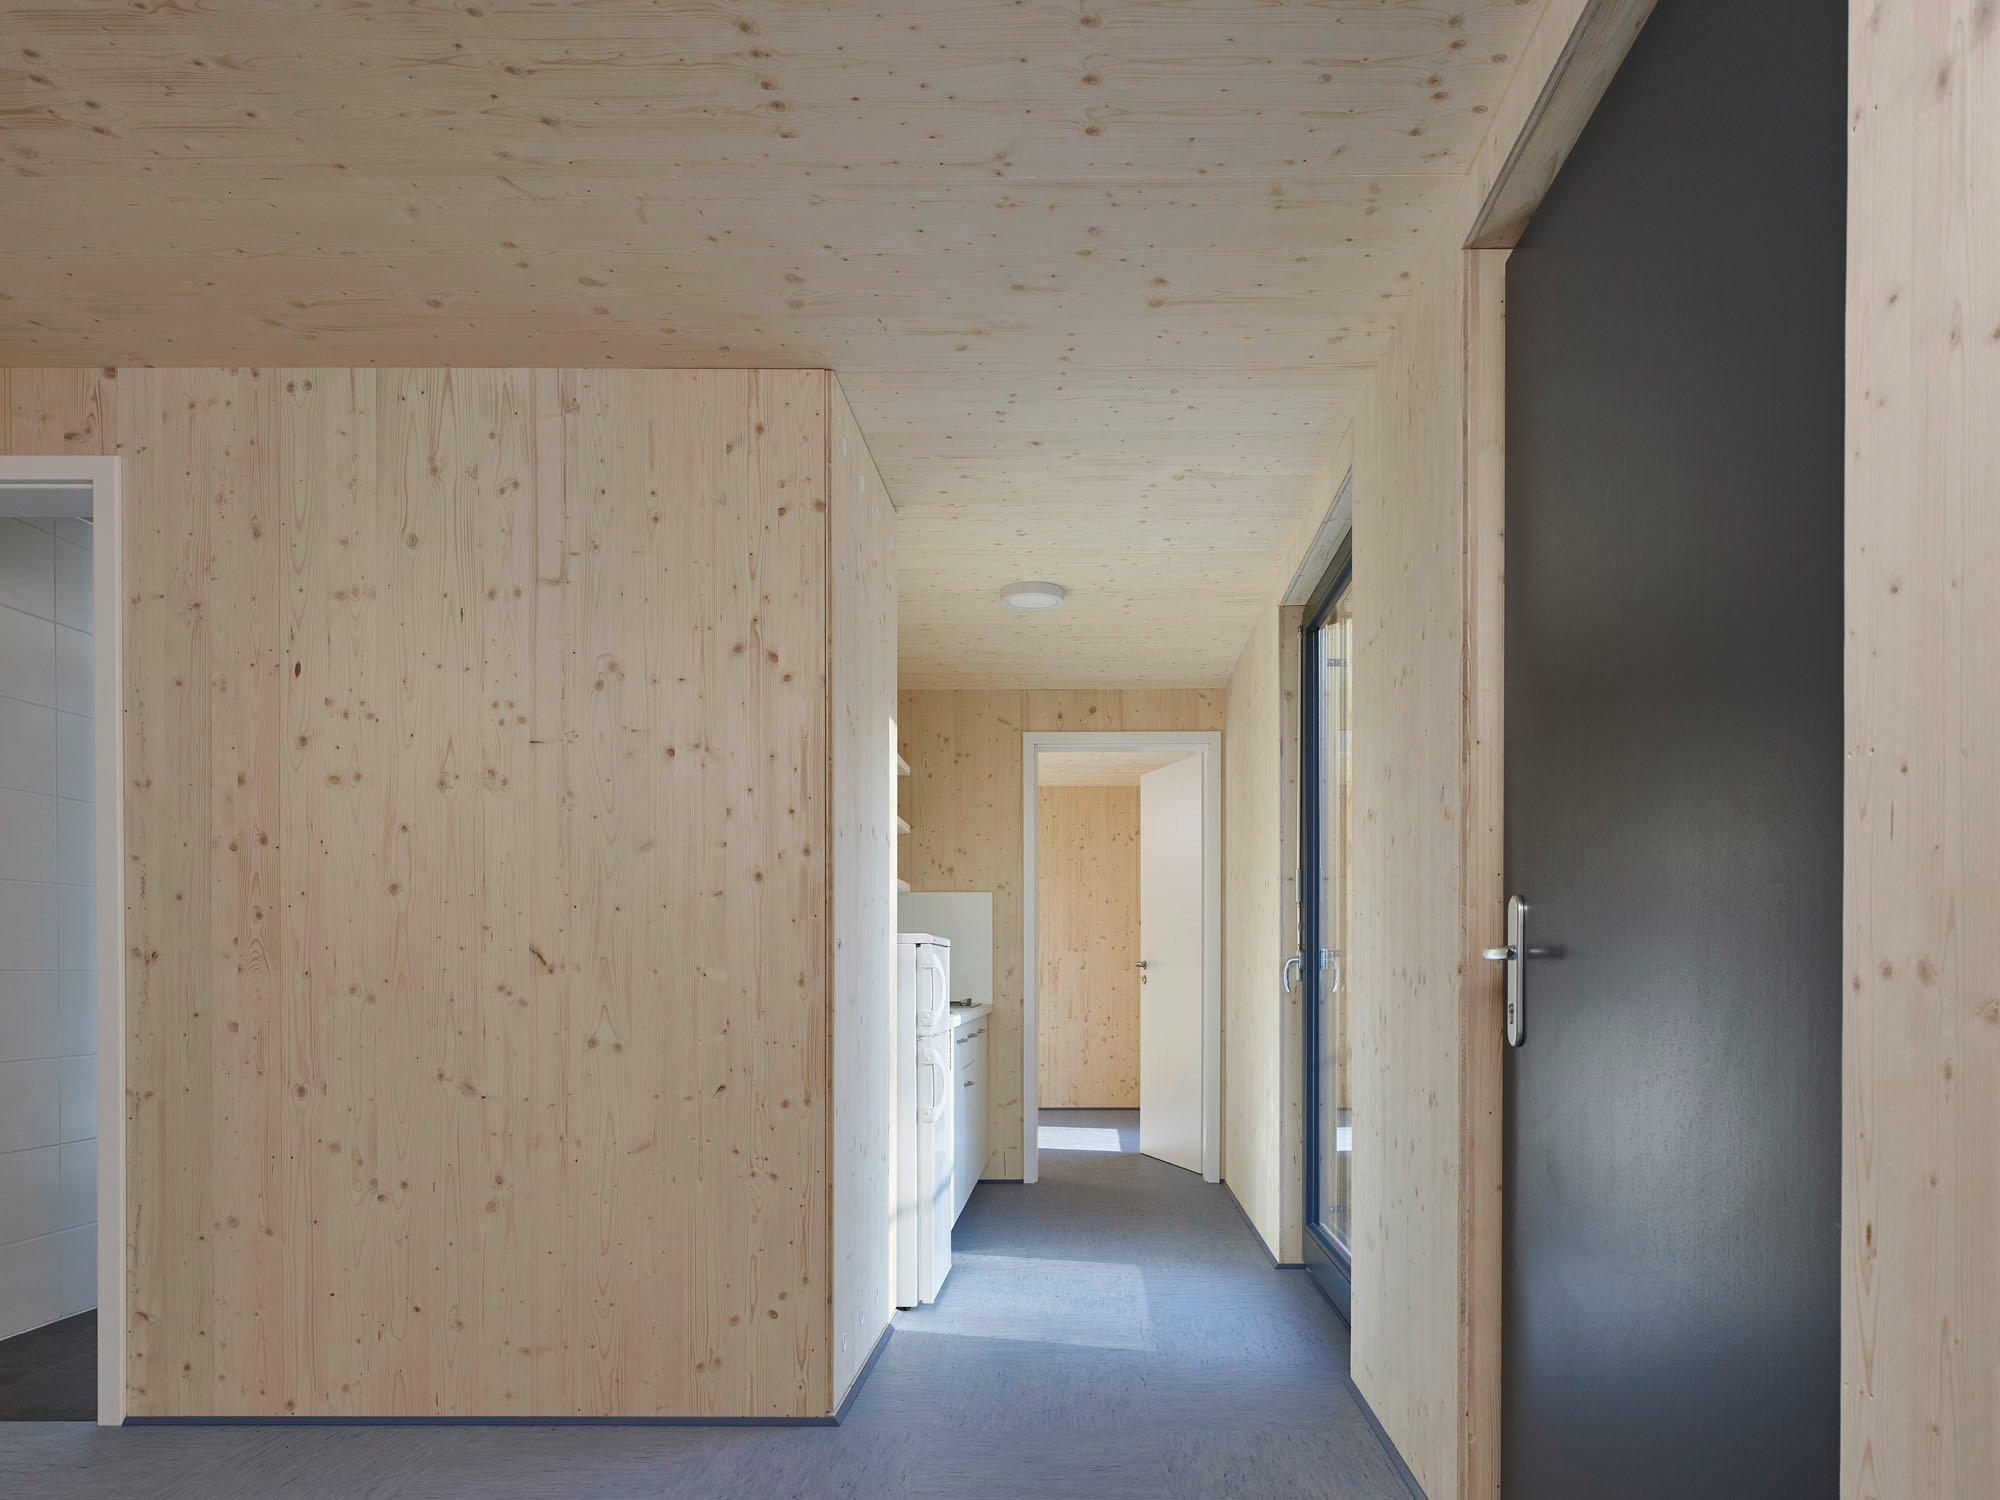 Modulbauten als Flüchtlingsunterkunft in Winnenden | Flachdach ...